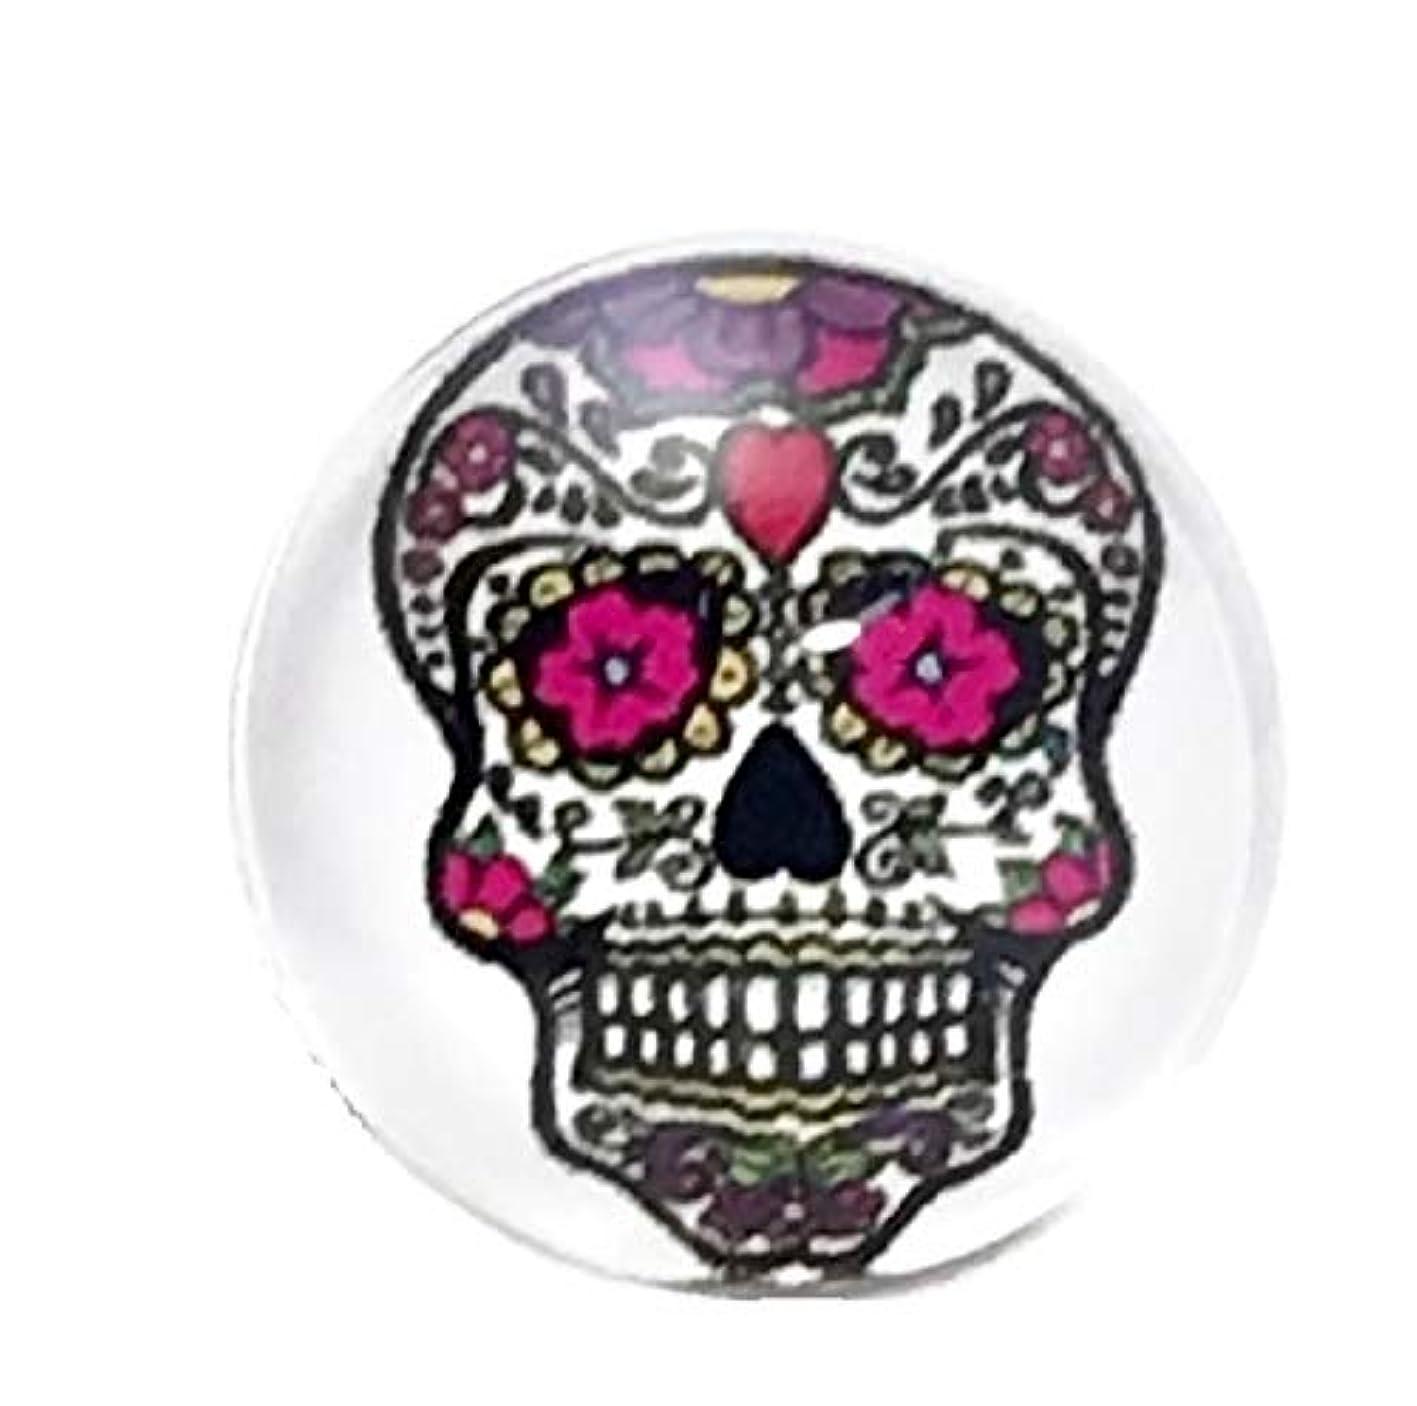 Pizazz Studios Sugar Skull Snap Charm 18mm bbhovvdalst622